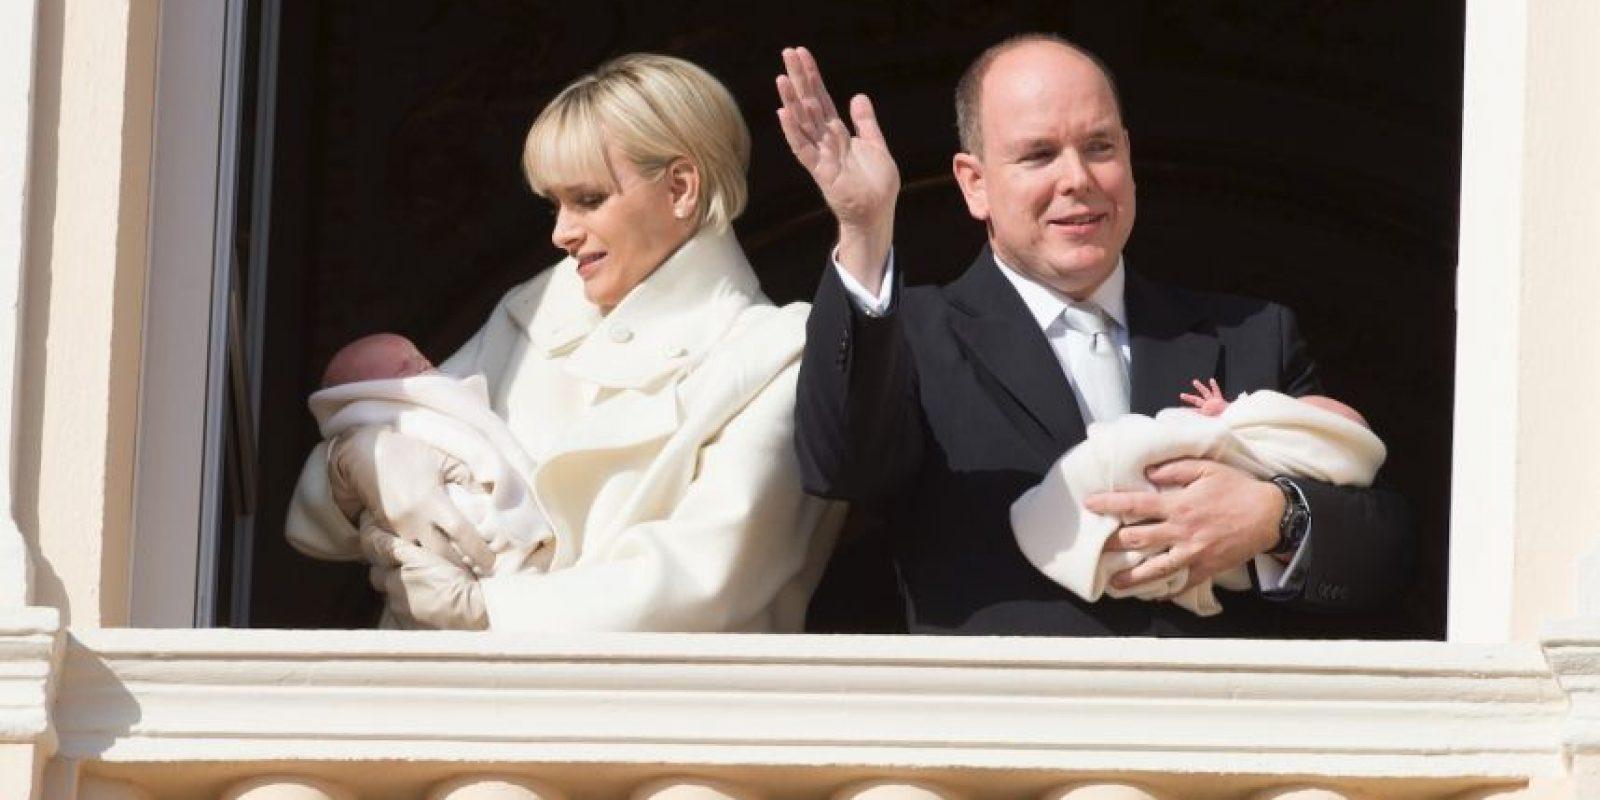 En diciembre del 2014, el príncipe Alberto II de Mónaco se convirtió en padre de los gemelos Gabriella Thérpese Marie y Jacques Honoré Rainier. Foto:Getty Images